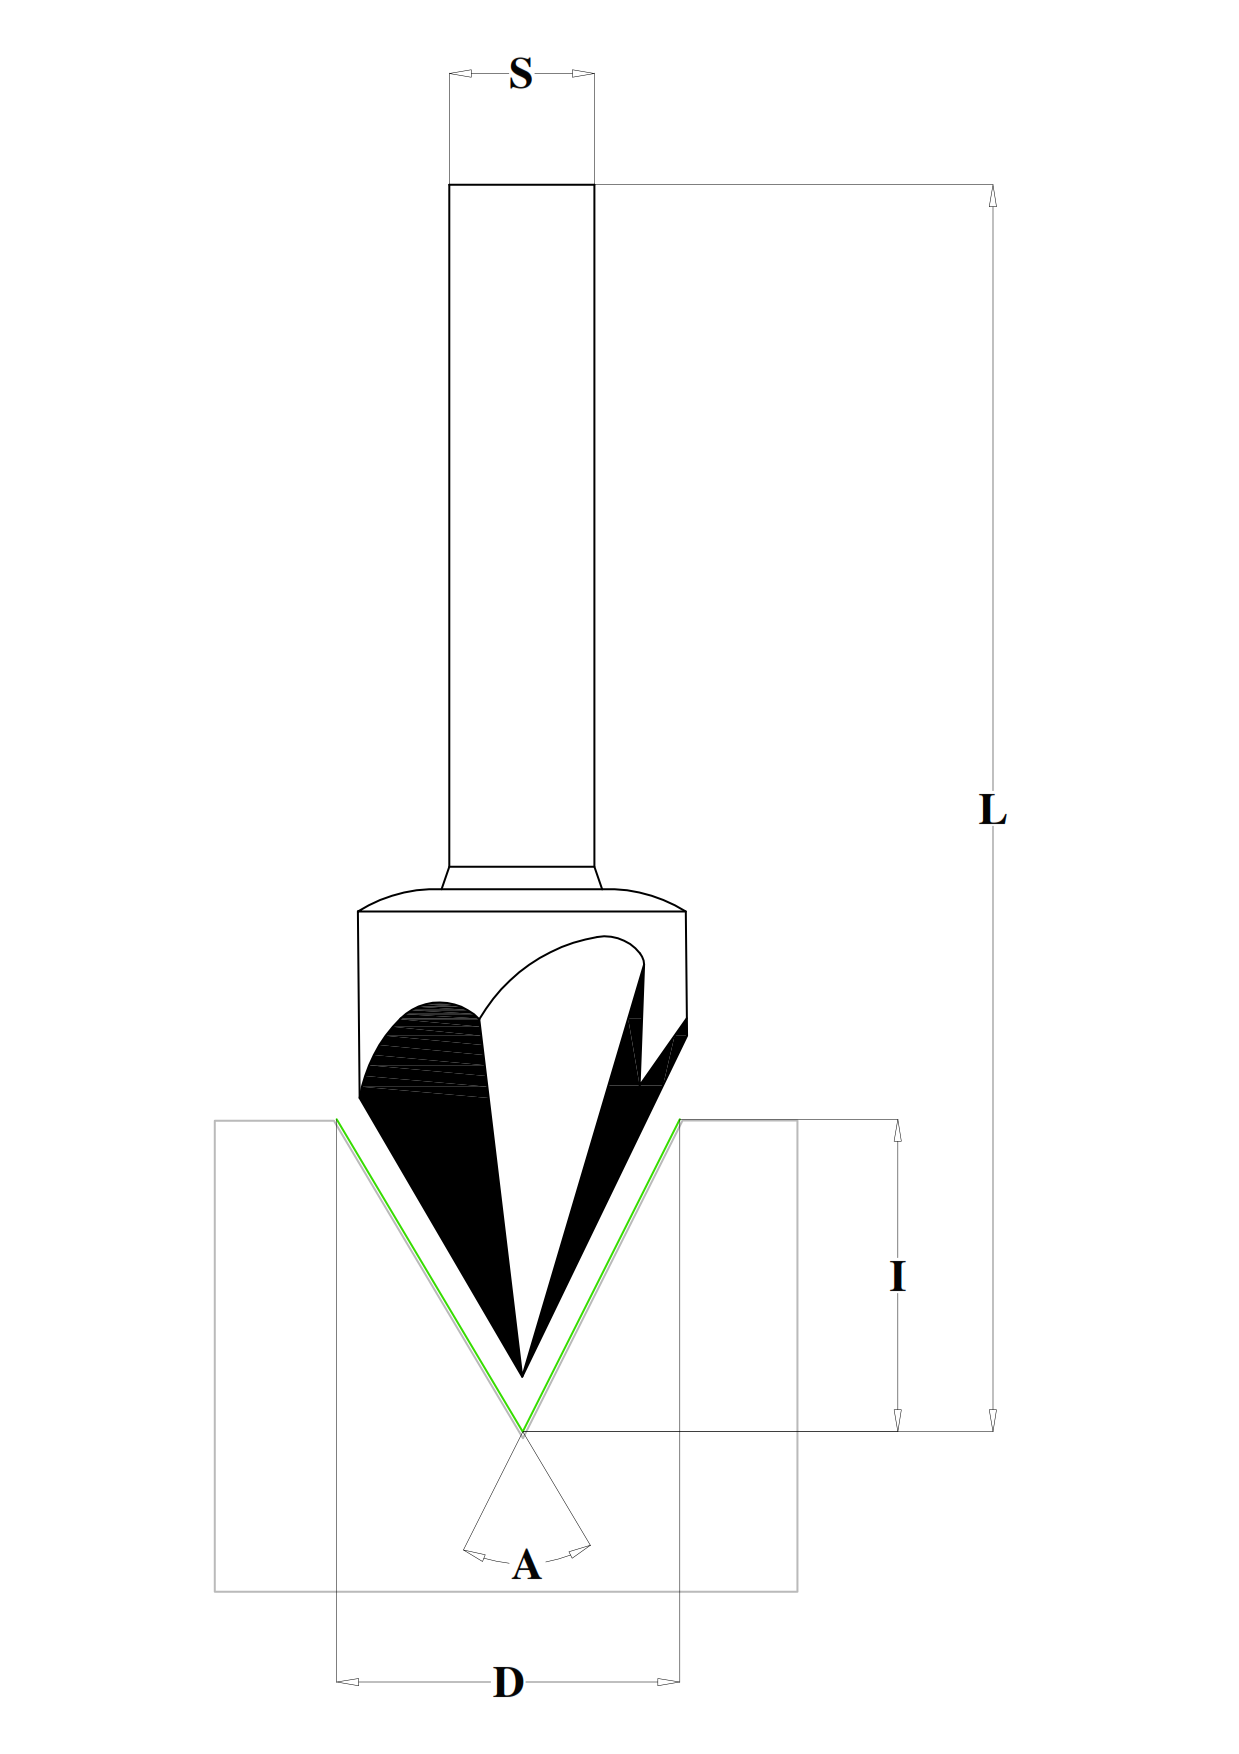 Fresa HW per lettere (60°) - disegno tecnico